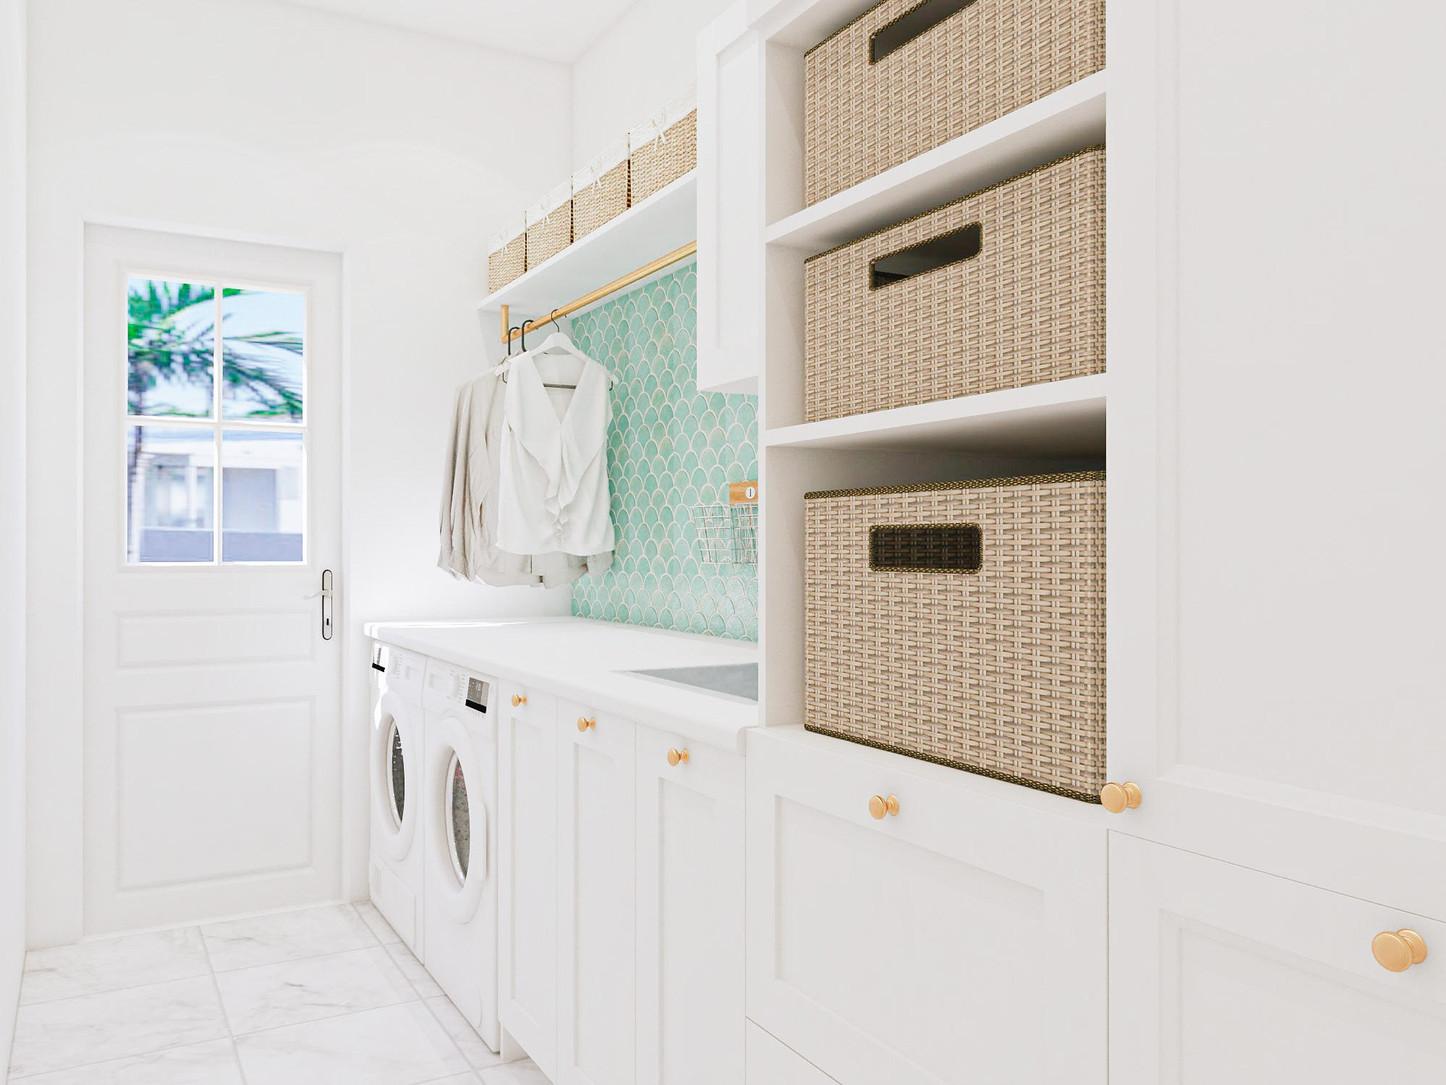 Laundry-room-interior-design-Florida-hou